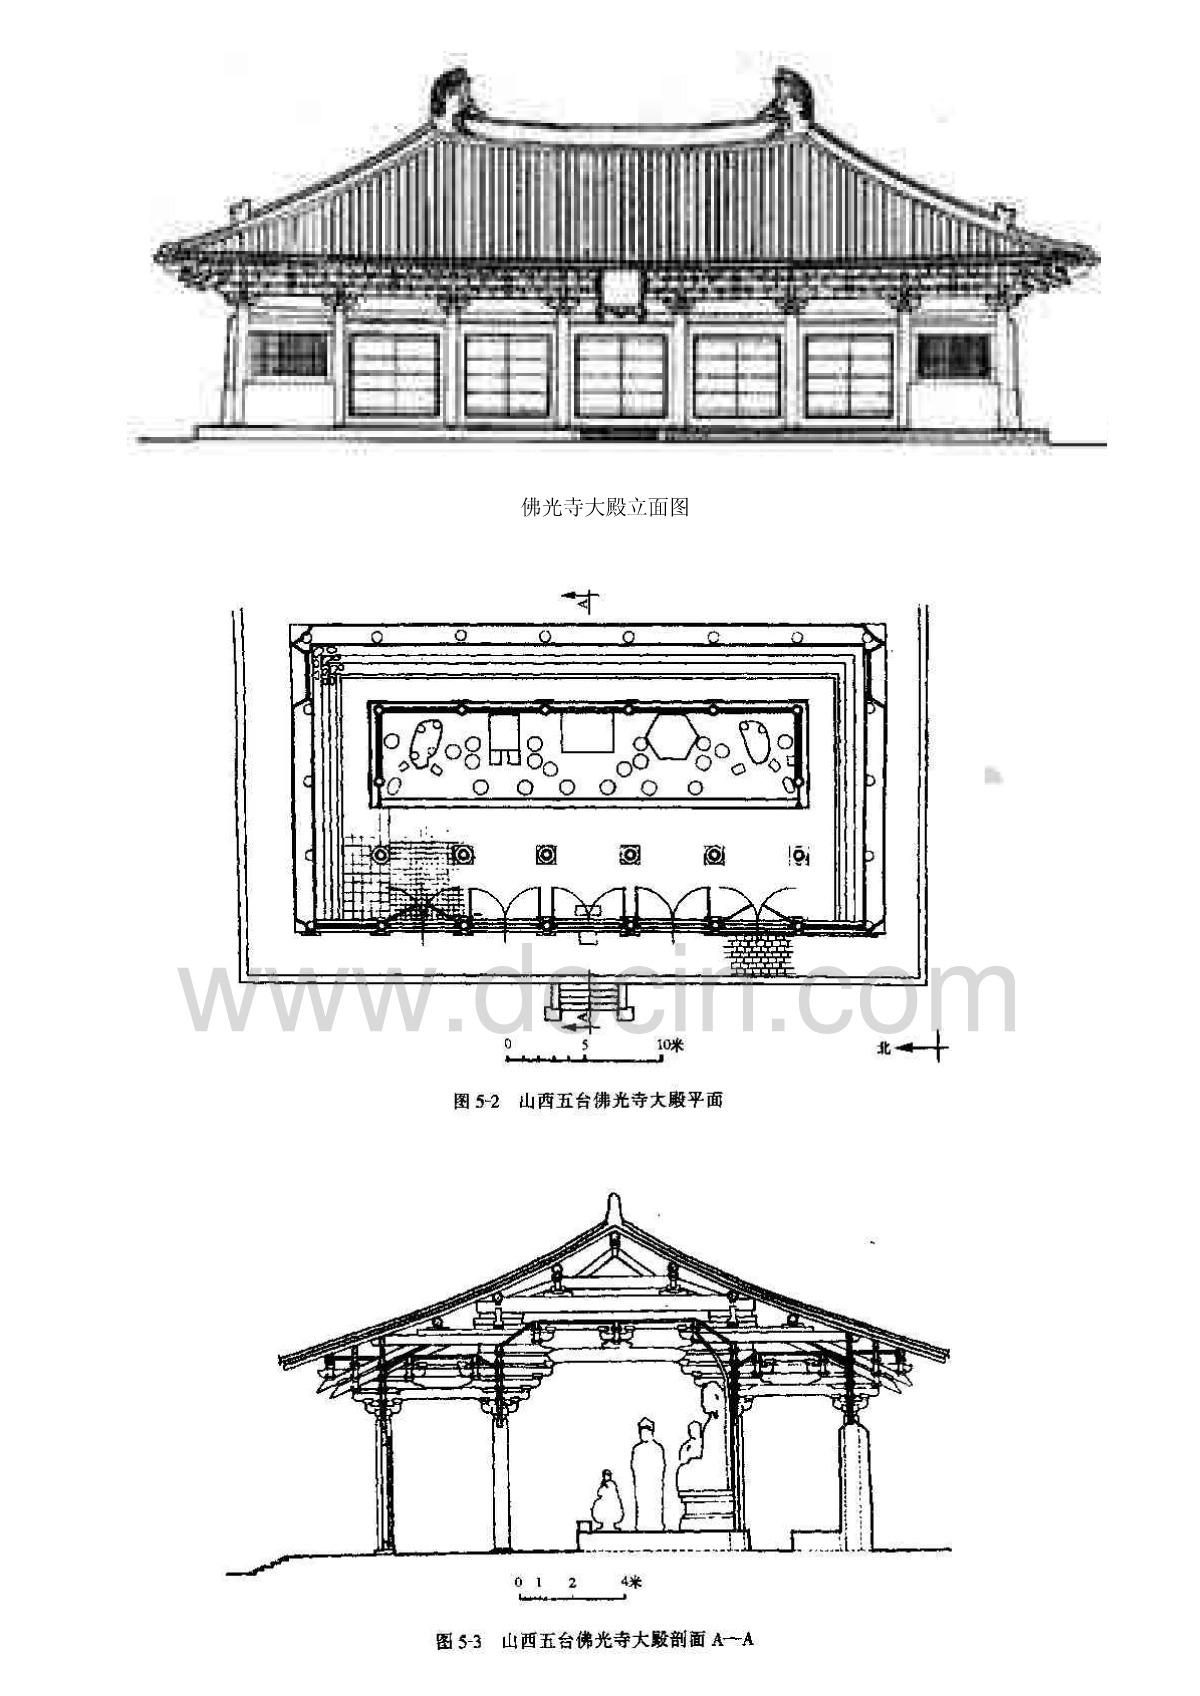 中国建筑史 论述题